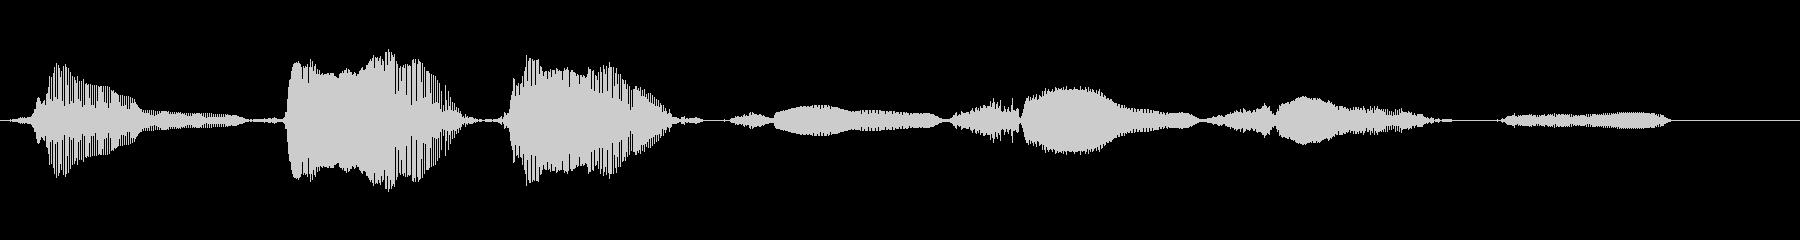 【中国語】静かな声で話しましょうの未再生の波形